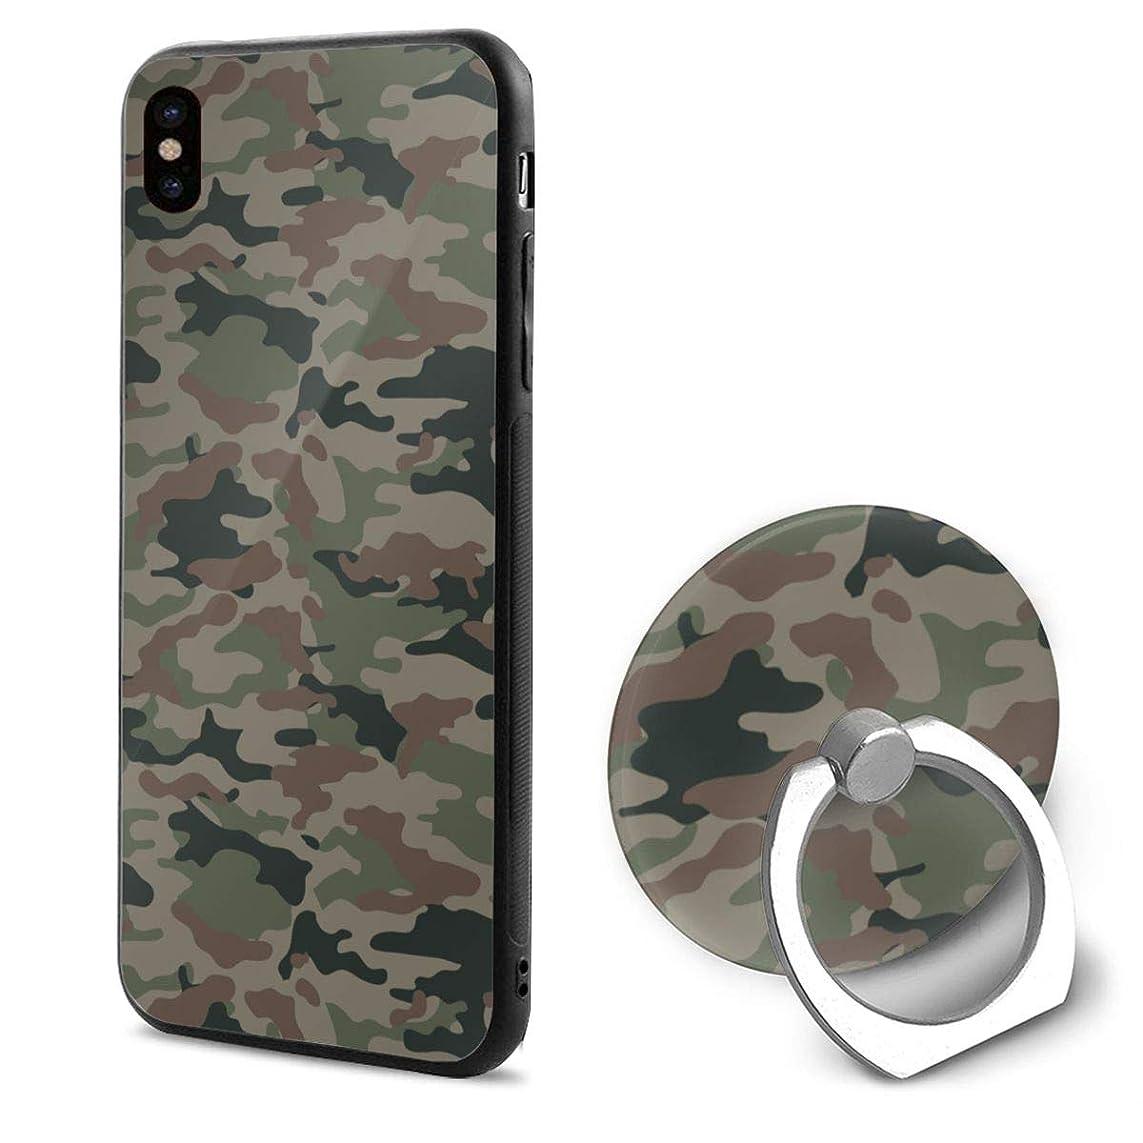 マウスロック理論的IPhonexケース スマホX ケース スマートフォンX ケース リング付き リングホルダー付き スマホリング 迷彩 携帯Xカバー ホールドリング アイフォンX ケース 耐衝撃 落下防止 薄型